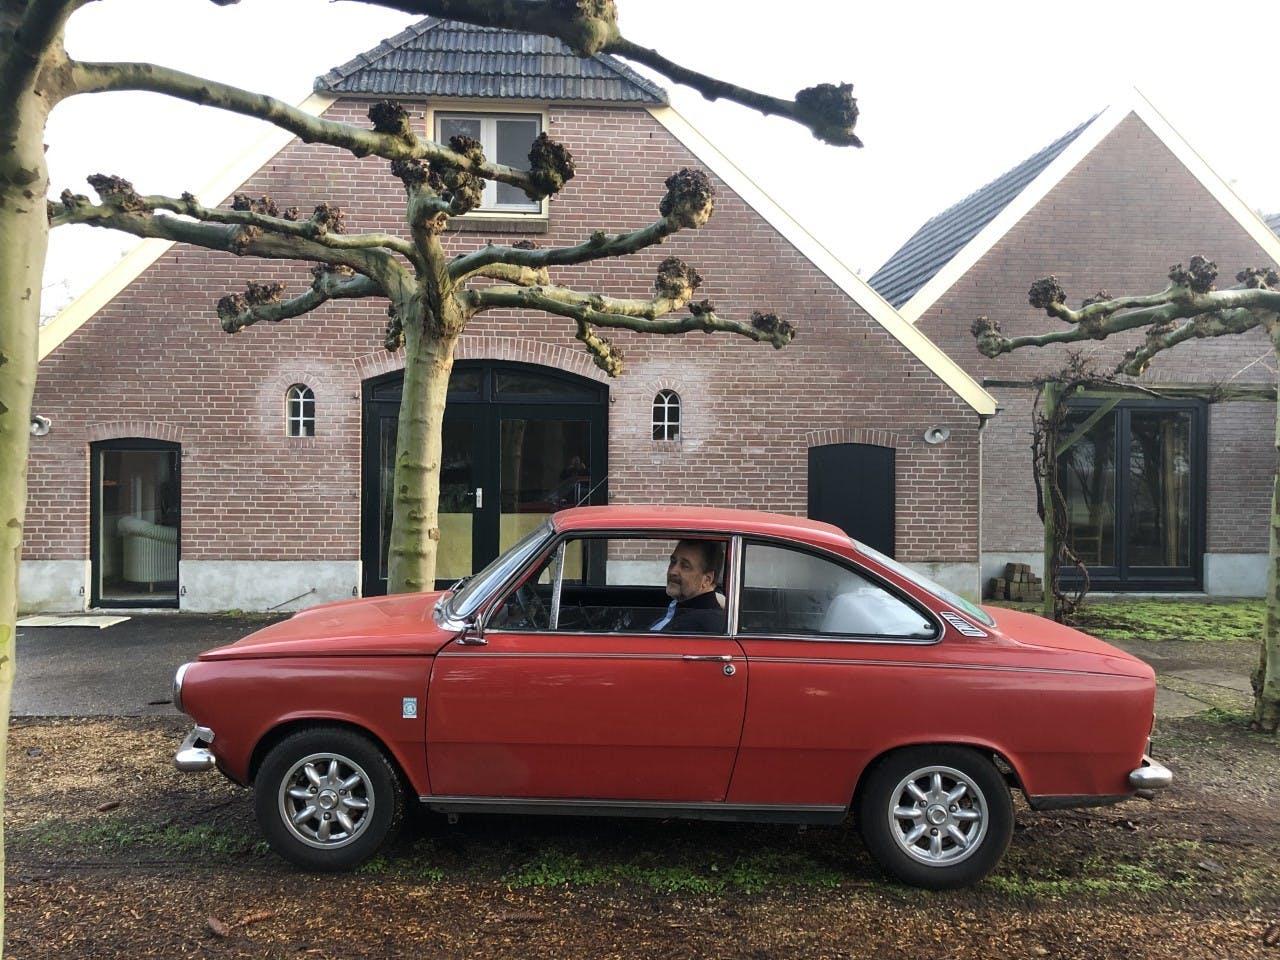 Bert de Boer van de Federatie Historische Automobiel- en Motorfietsclubs